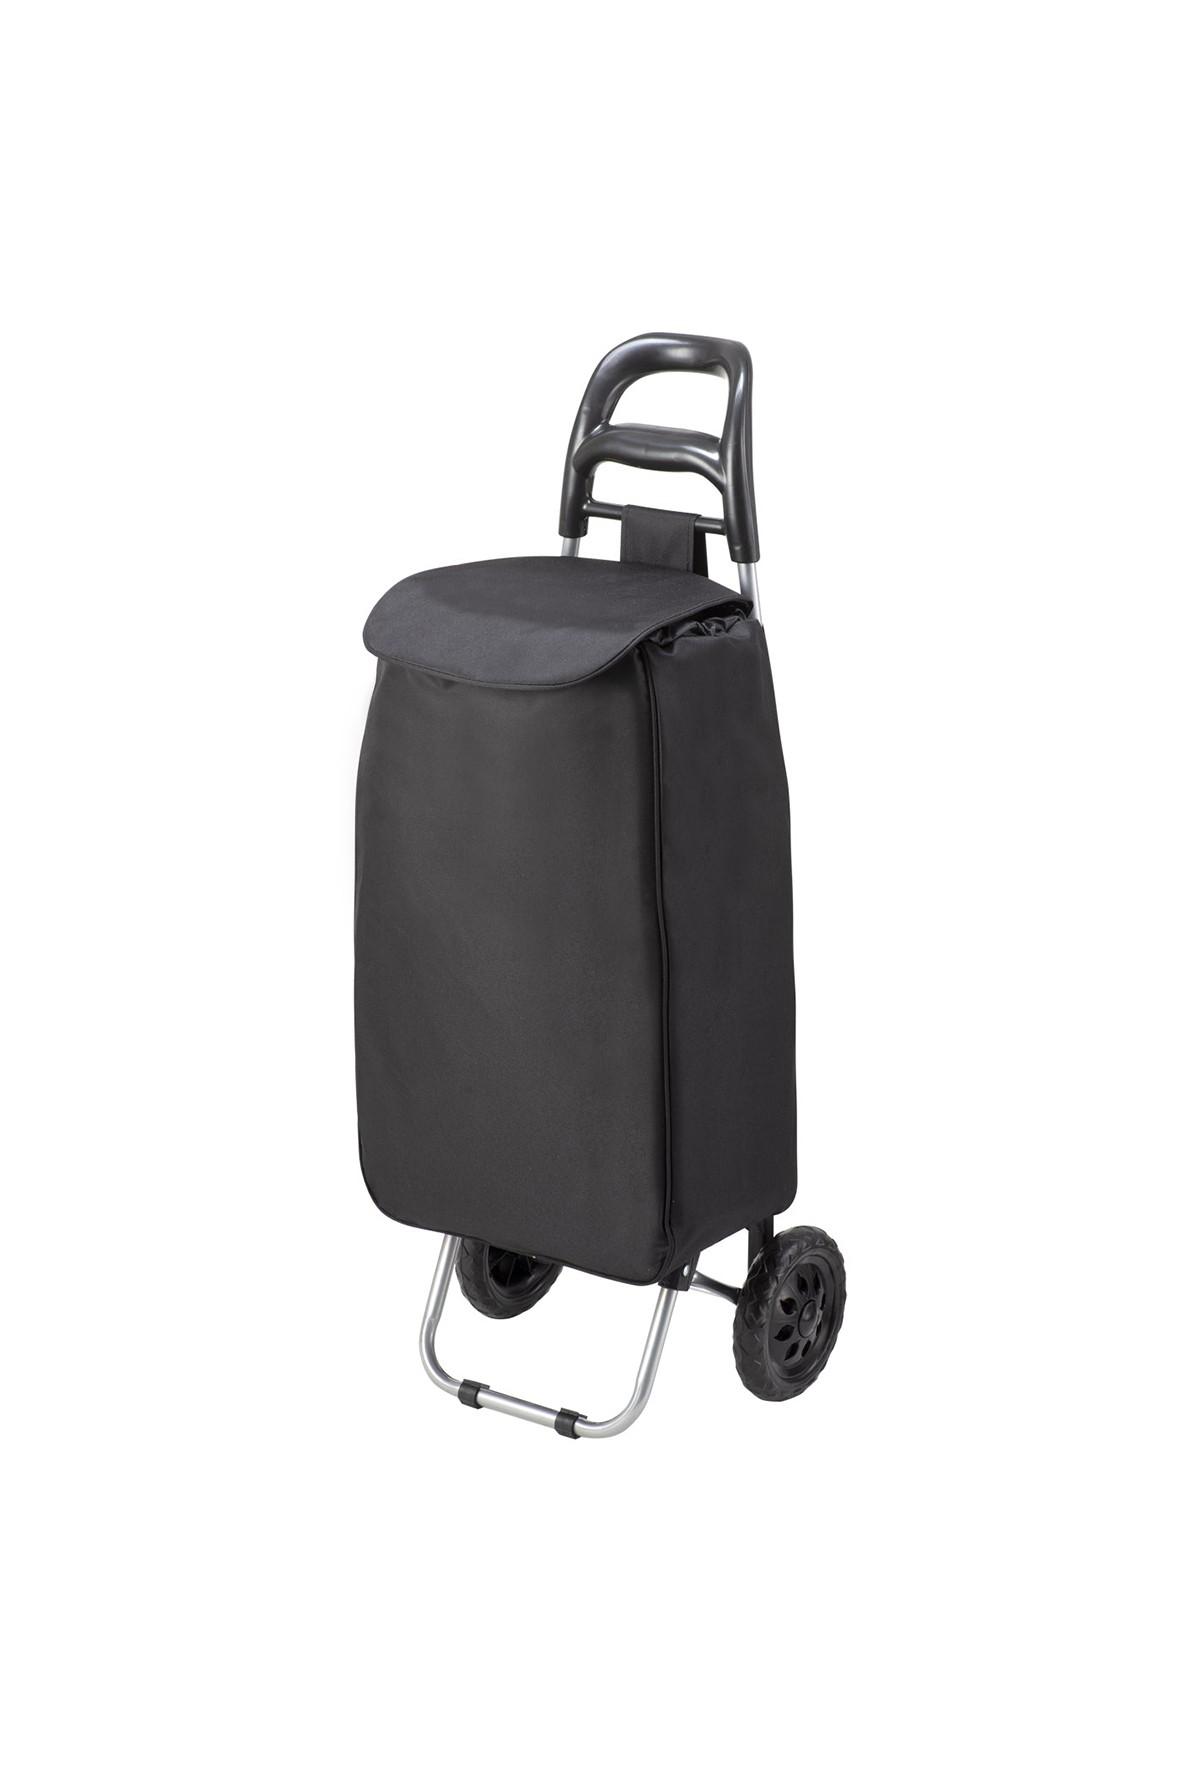 Wózek/torba za zakupy w kolorze granatowym- torba na kółkach